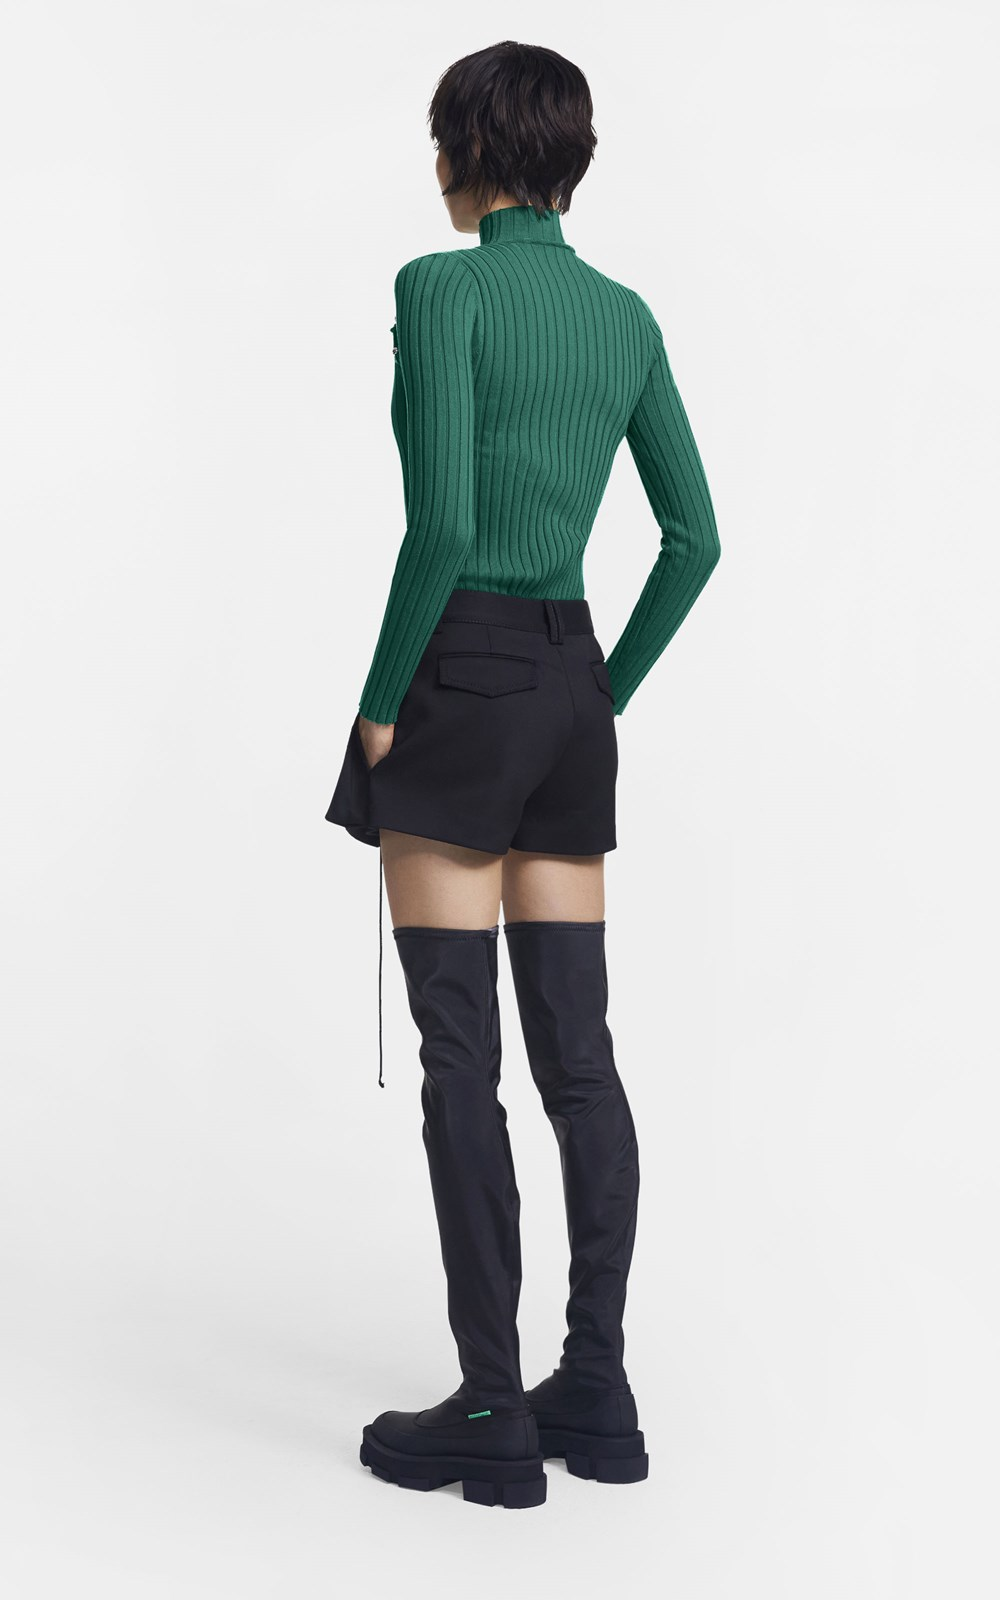 Knitwear | BEADED BRAID SKIVVY